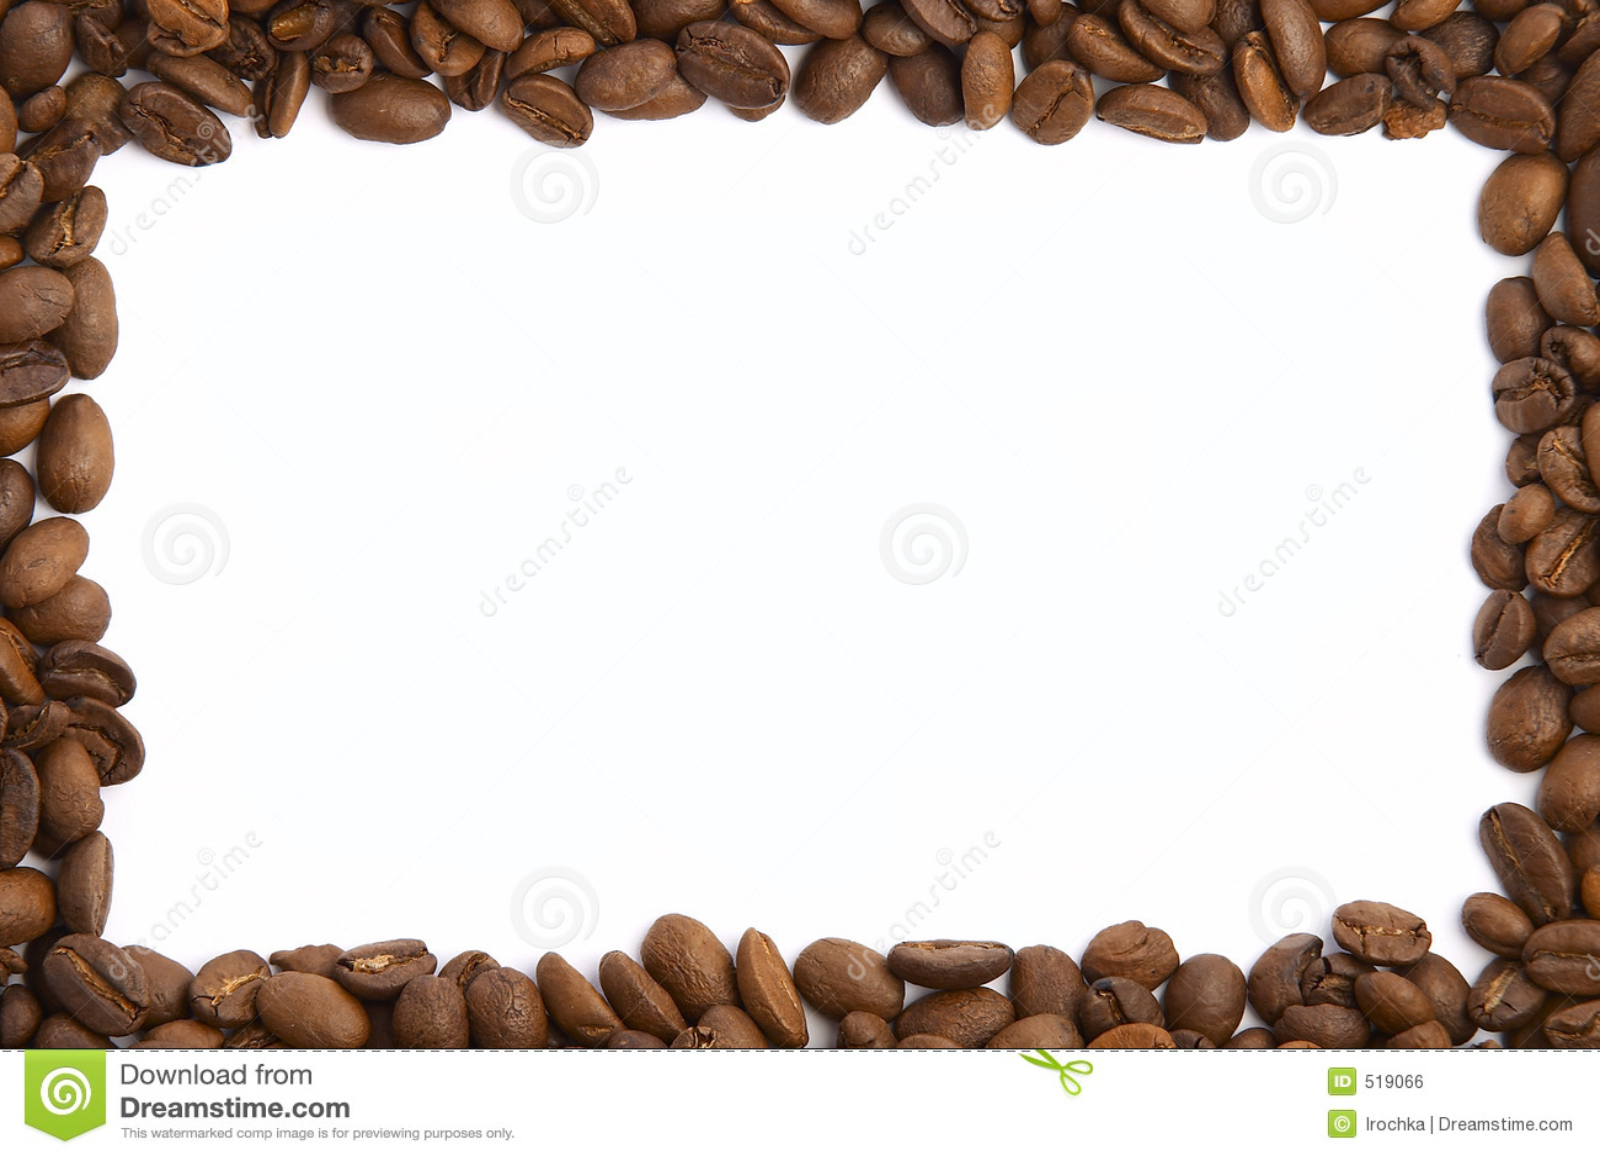 Coffee Bean Frame on white.